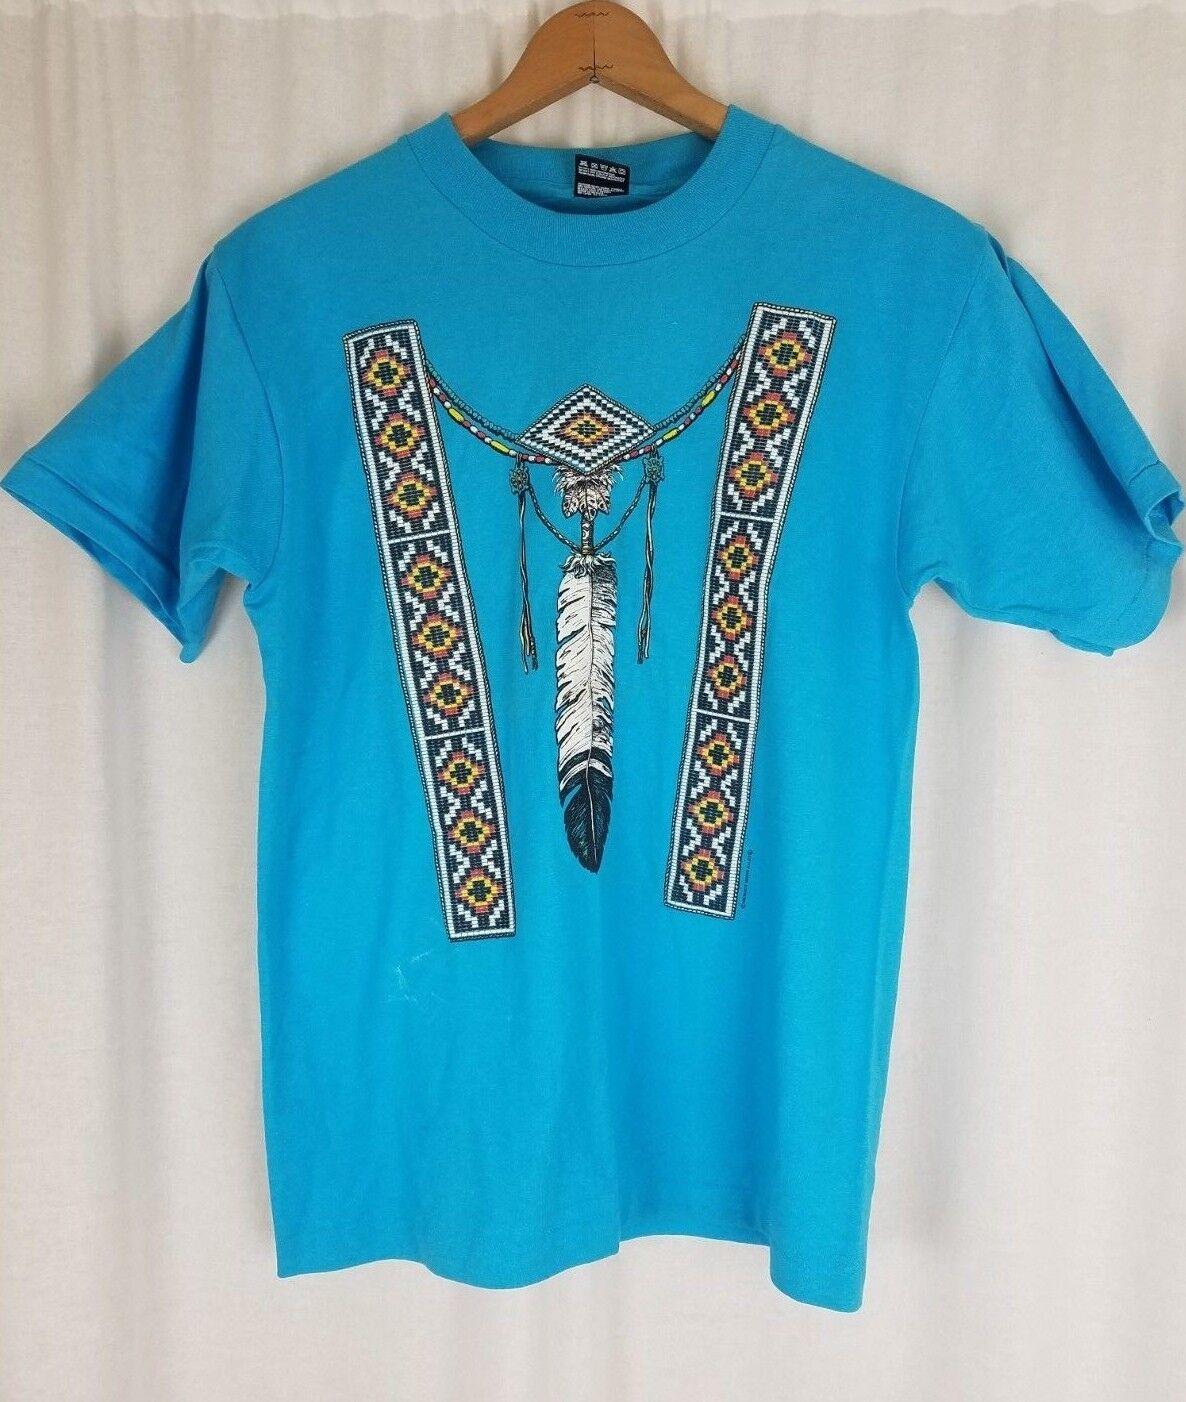 Vintage Moxie Gasse Indianer Reise Andenken T-Shirt T-Shirt HERREN M Blau